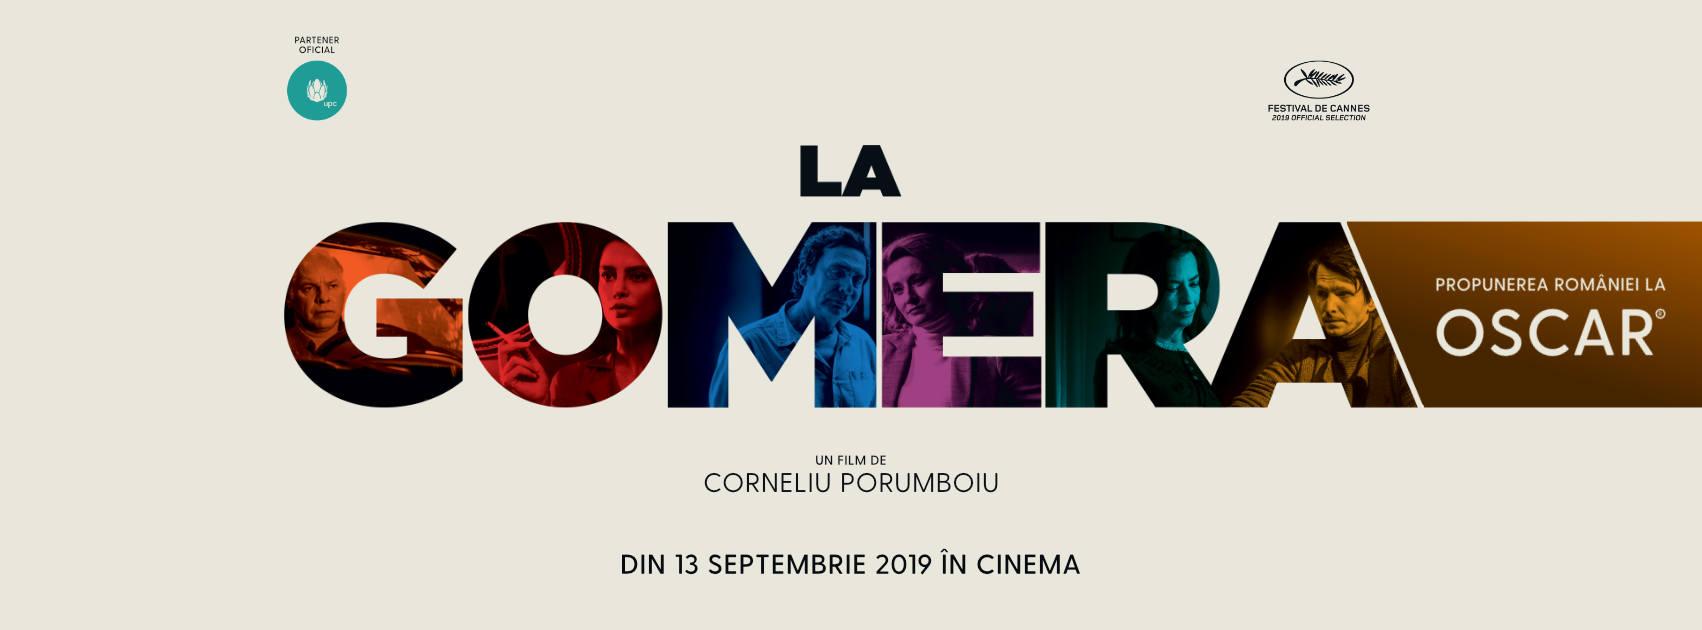 La Gomera – premiera de gala la Cluj-Napoca